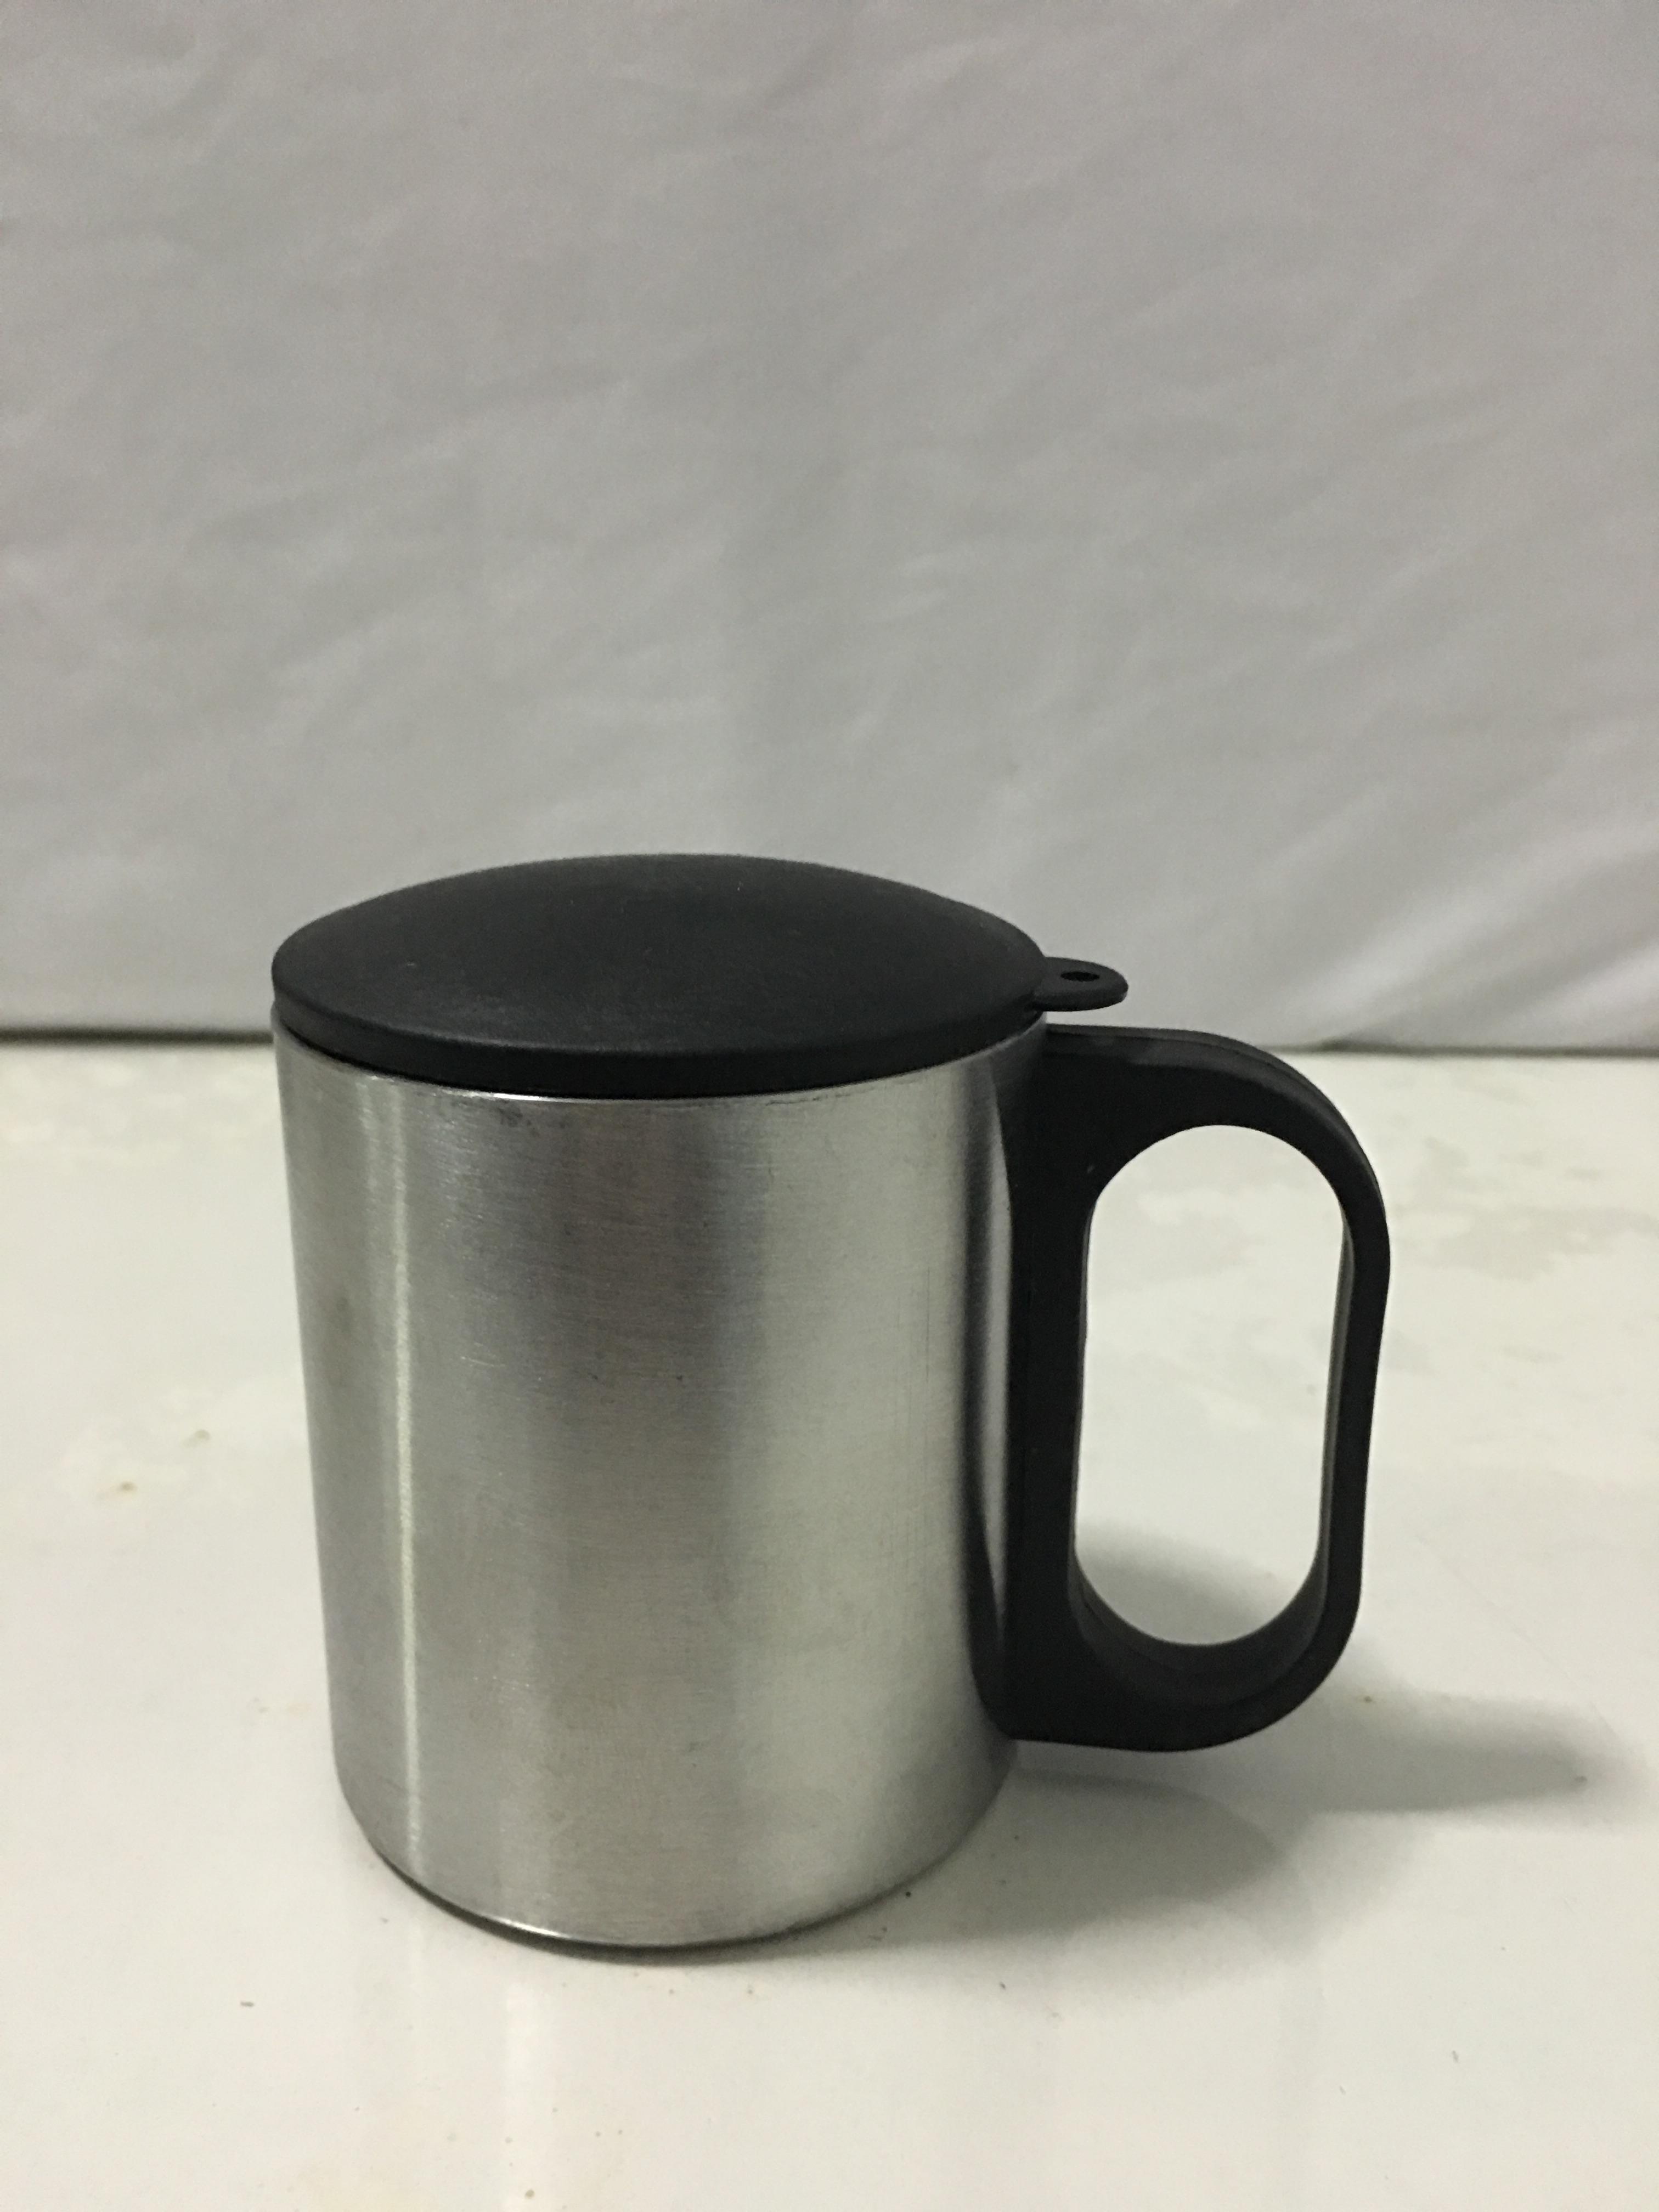 แก้วสแตนเลส 200 ml รหัส 3001